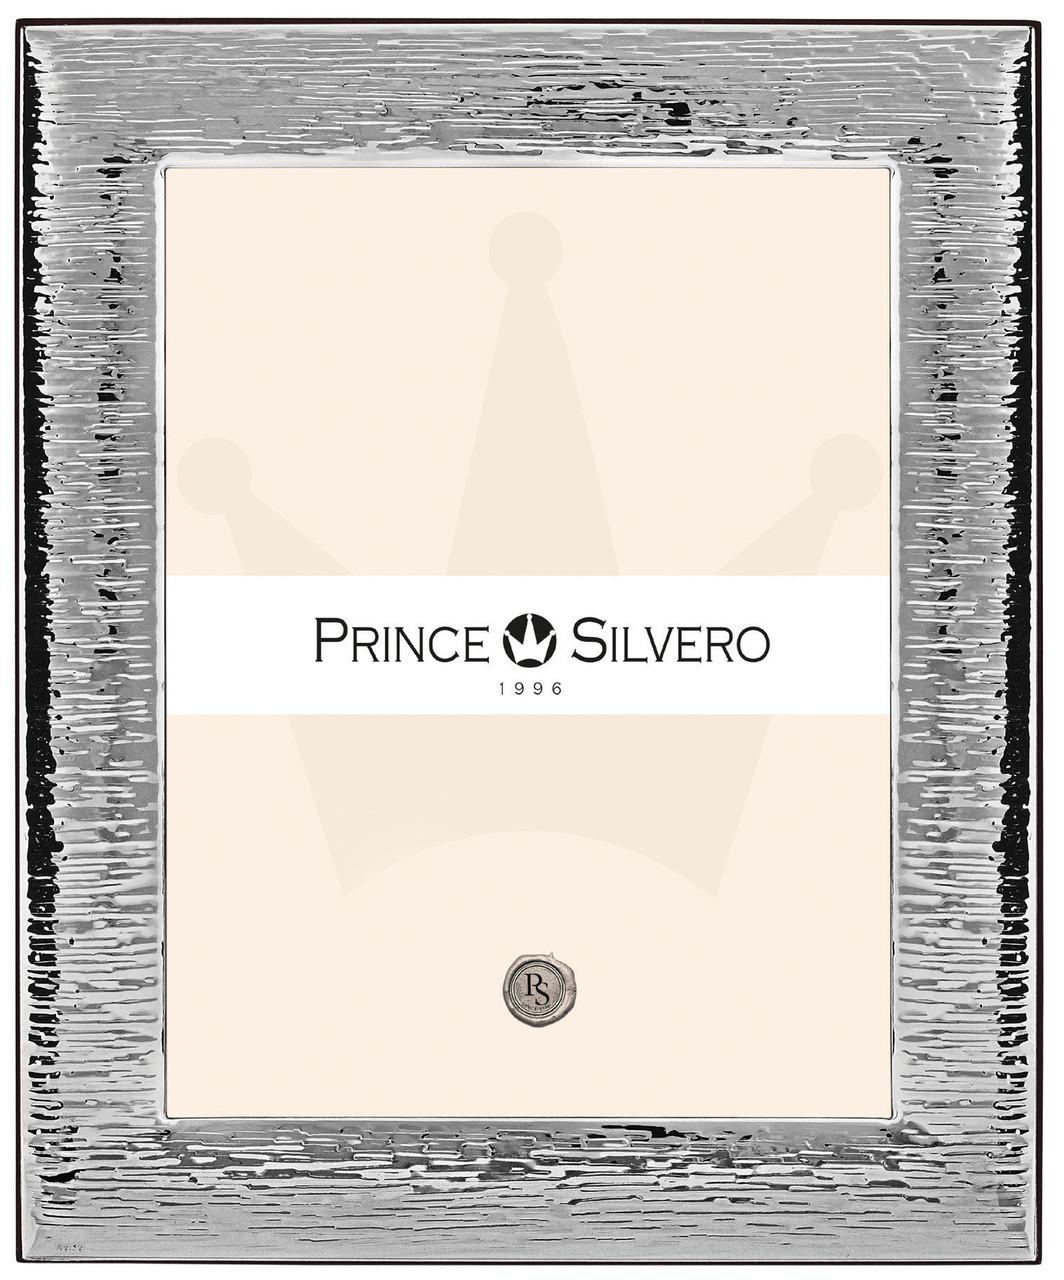 Эксклюзивная фоторамка от Prince Silvreo